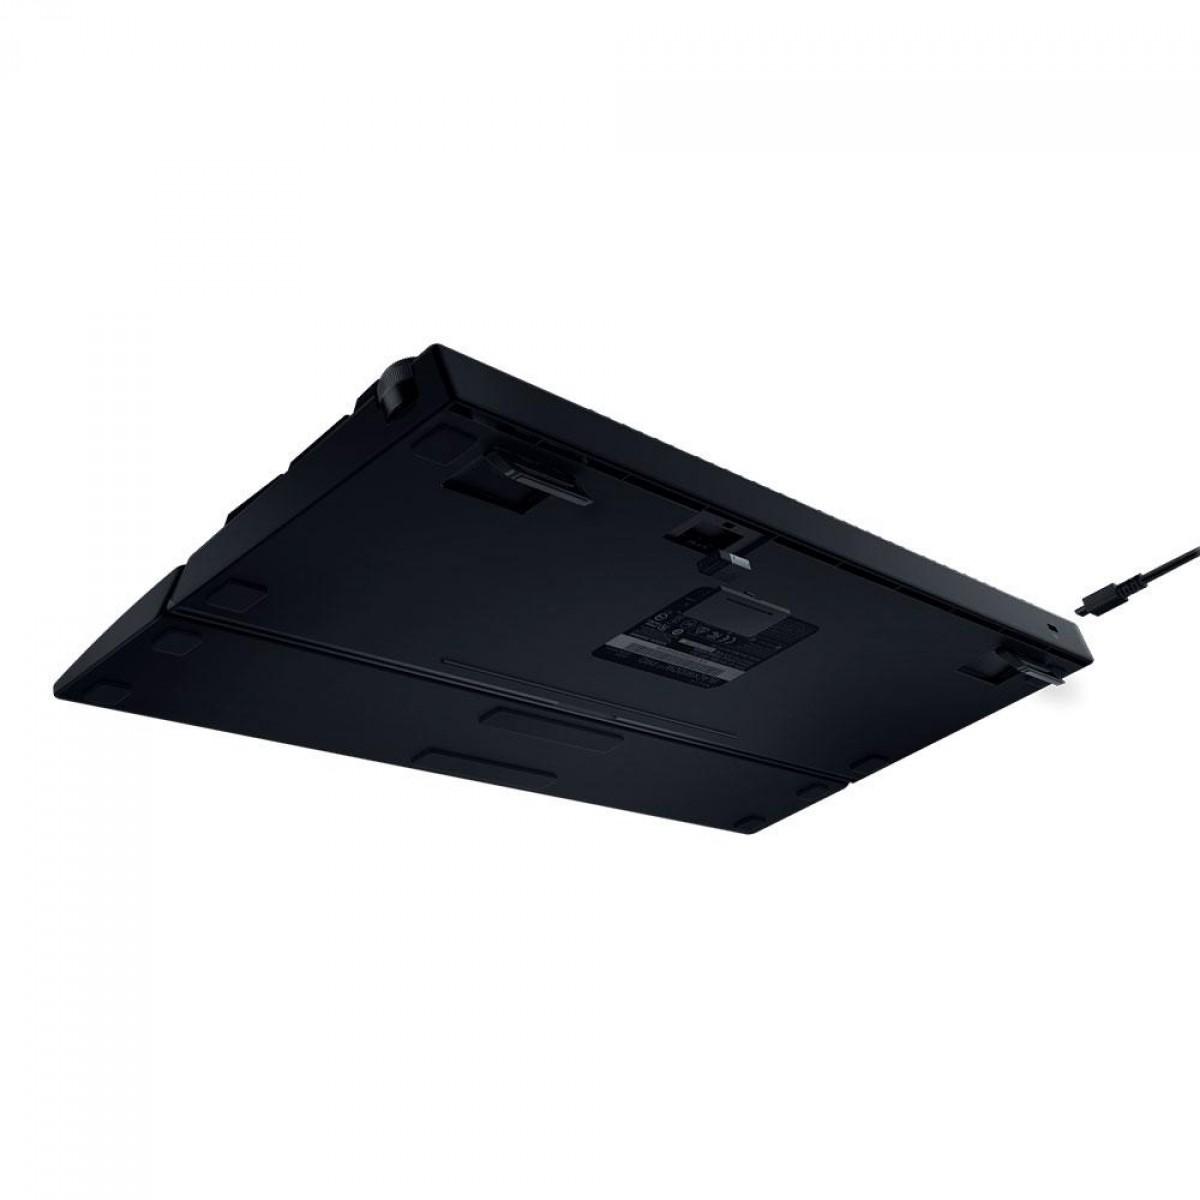 Teclado Sem Fio Mecânico Gamer Razer BlackWidow V3 Pro, Chroma, Razer Switch Yellow, US, RZ03-03531700-R3M1